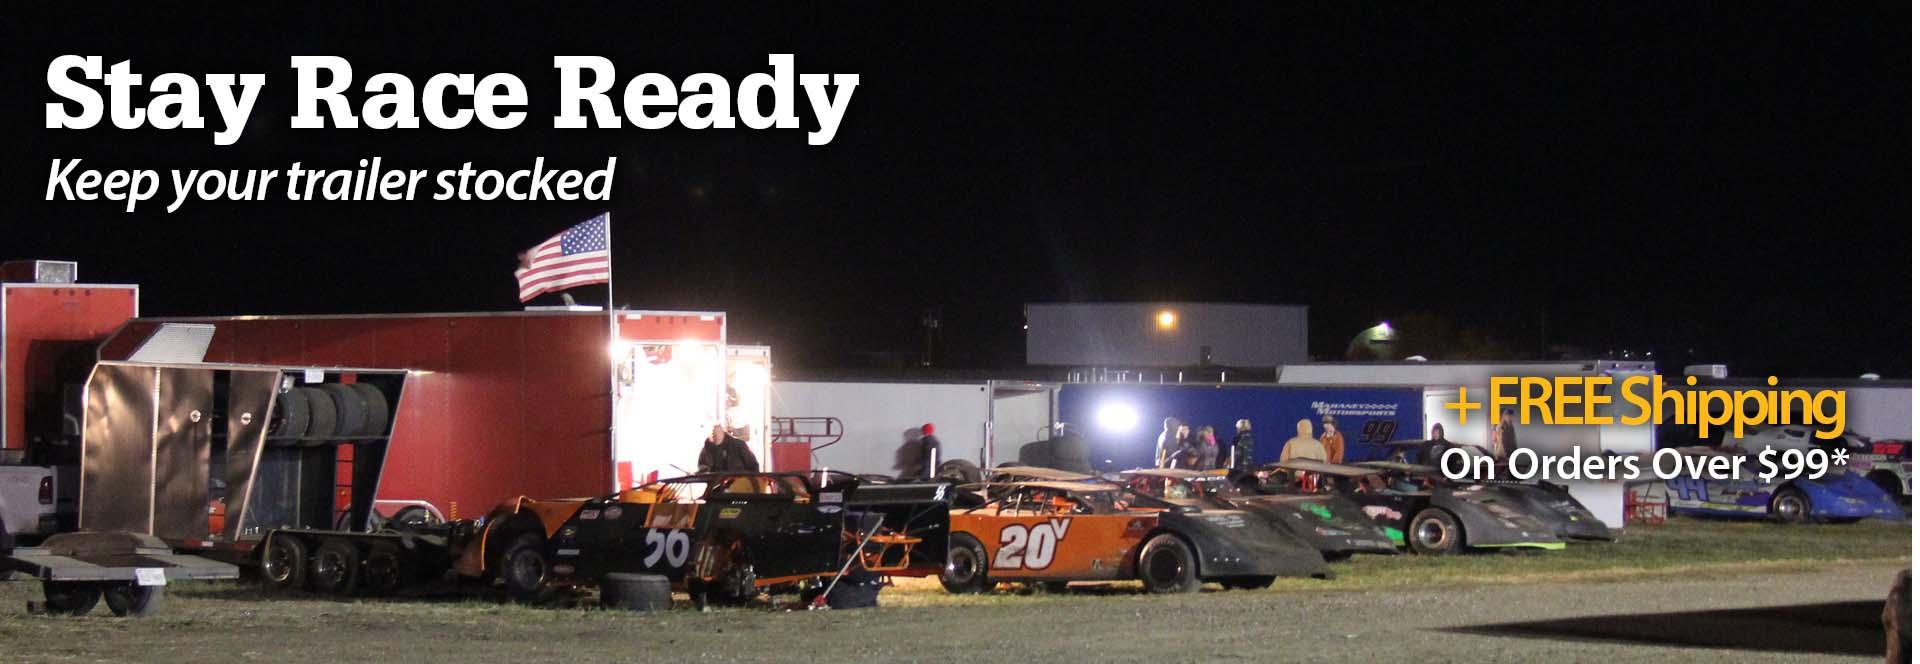 Stay Race Ready